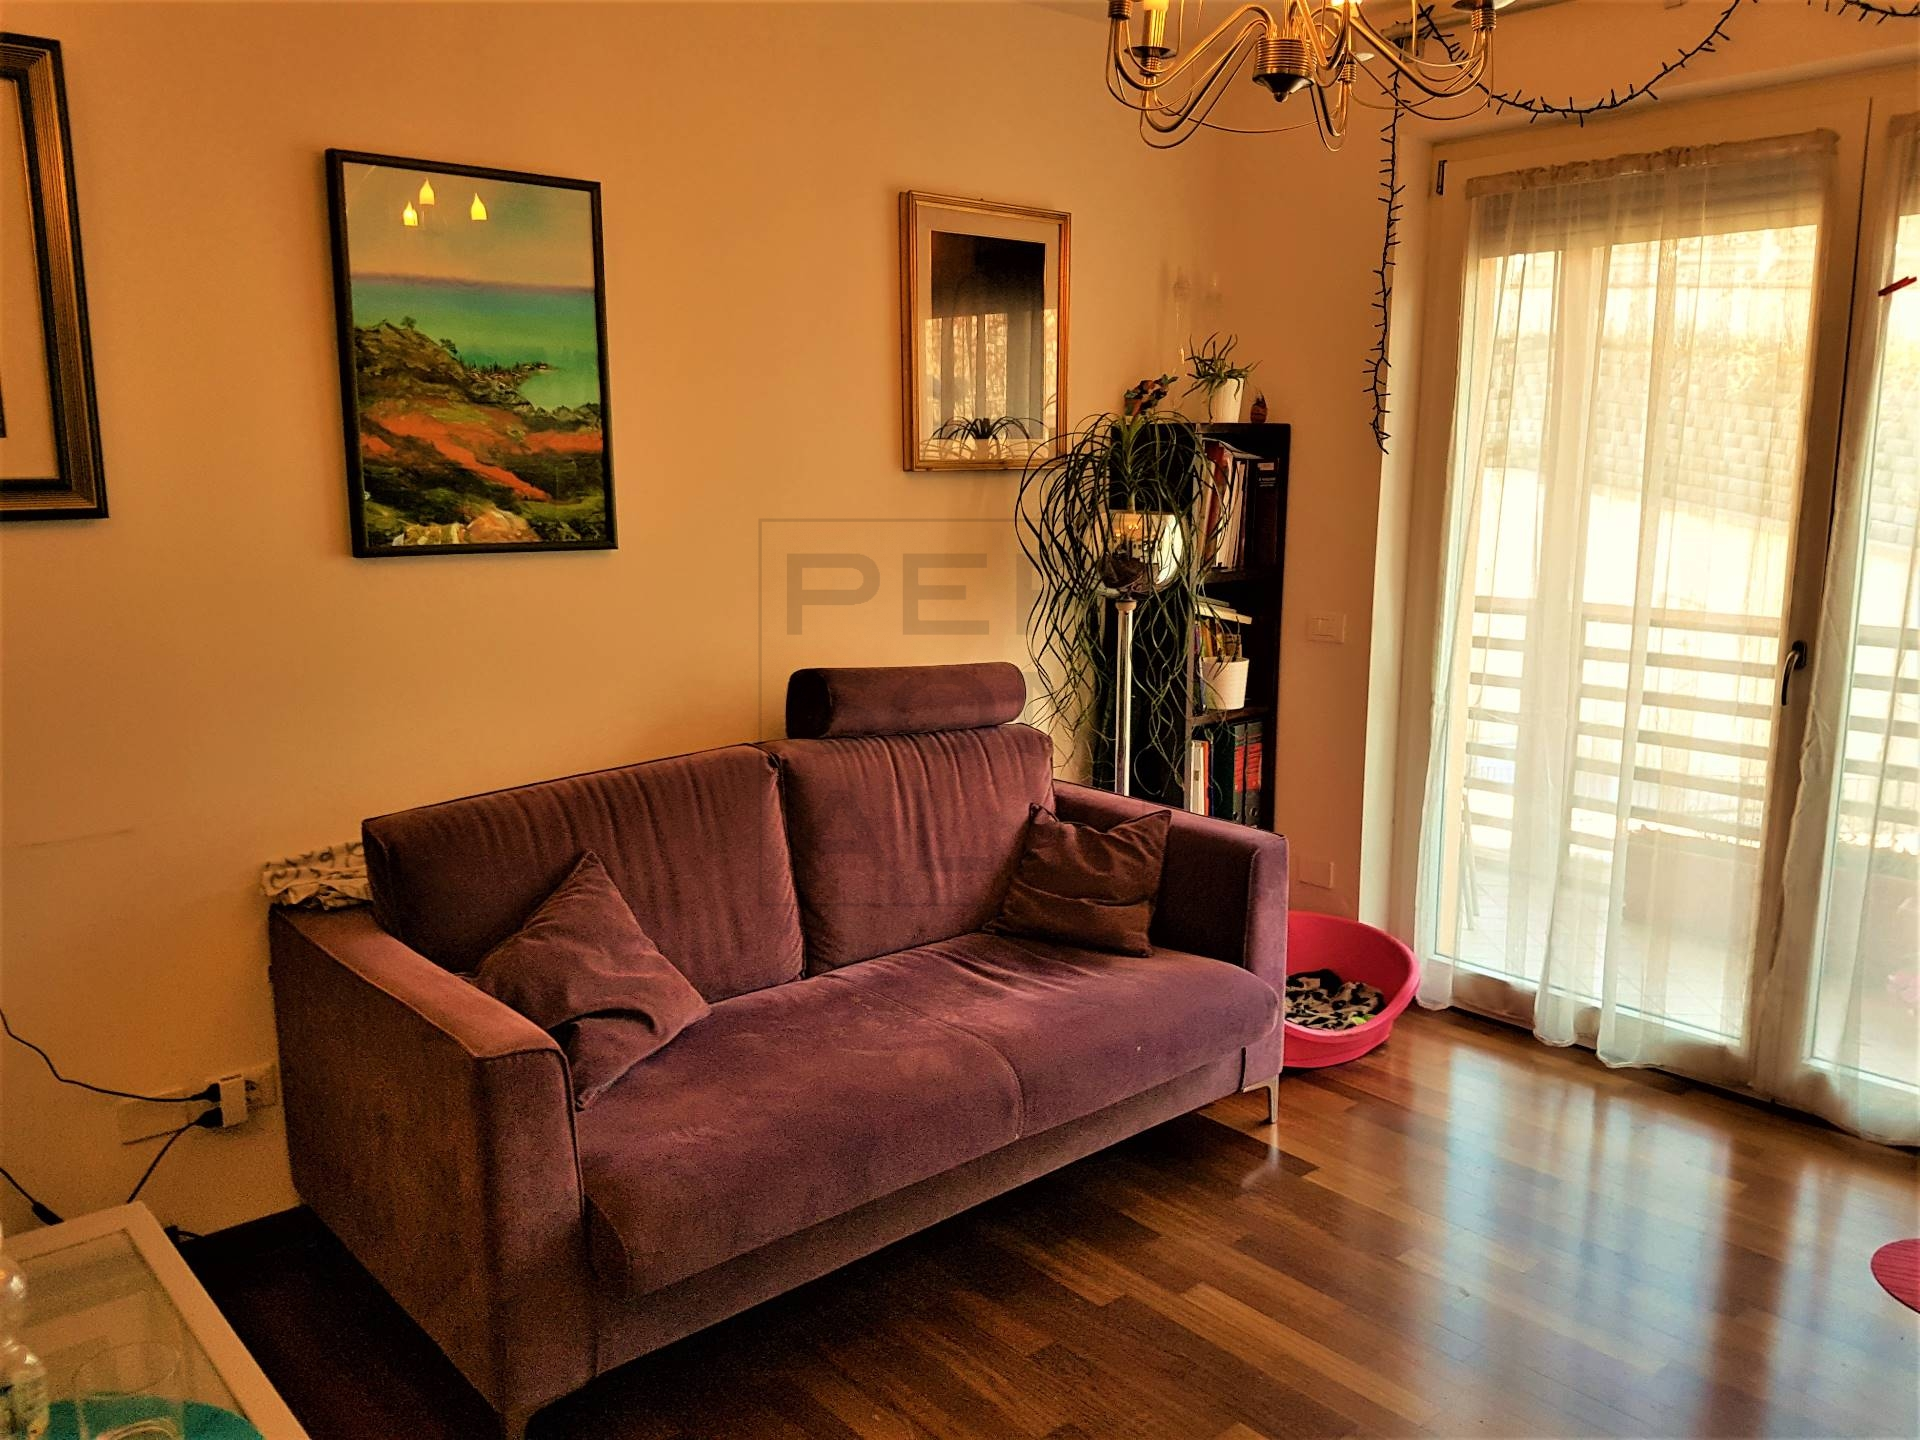 Appartamento in vendita a San Michele all'Adige, 4 locali, zona Località: SanMichele, prezzo € 229.000 | CambioCasa.it